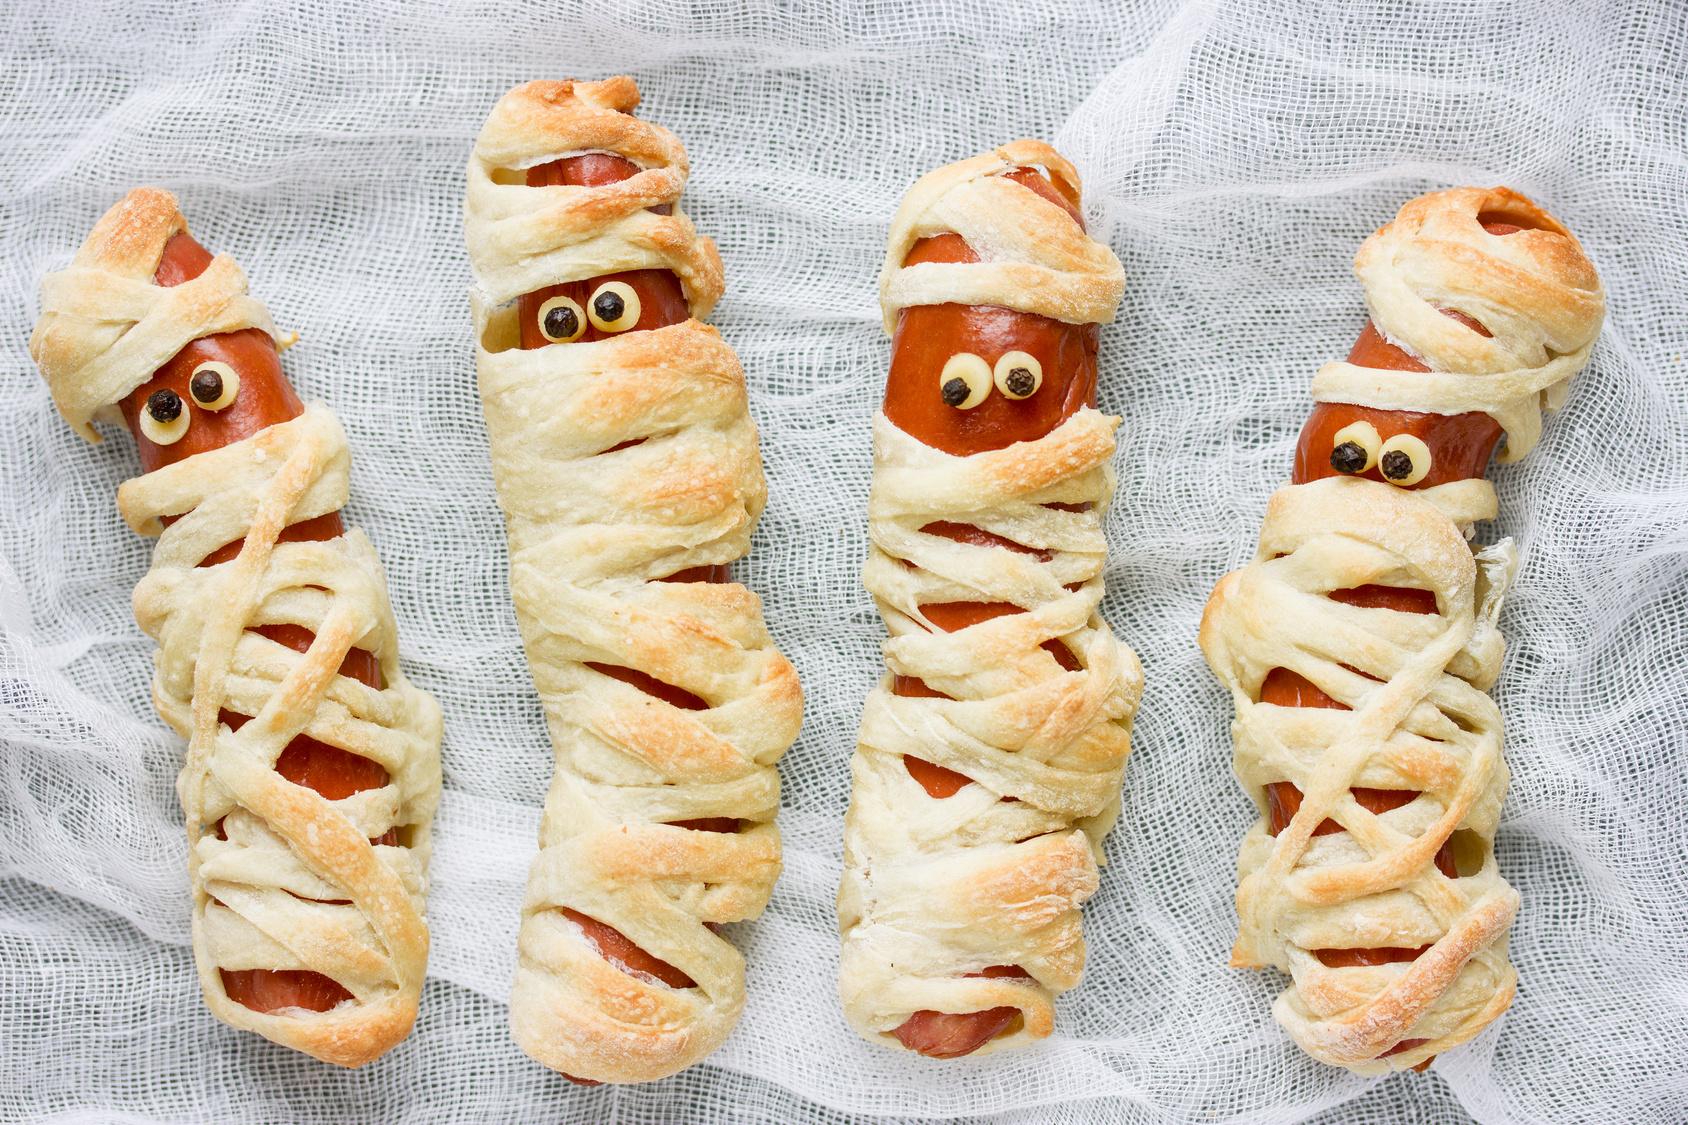 Gruselige Rezepte Halloween.Gruseliges Essen Und Fingerfood Fur Die Halloween Party Mumien Wurstchen Und Spinnen Muffin Extratipp